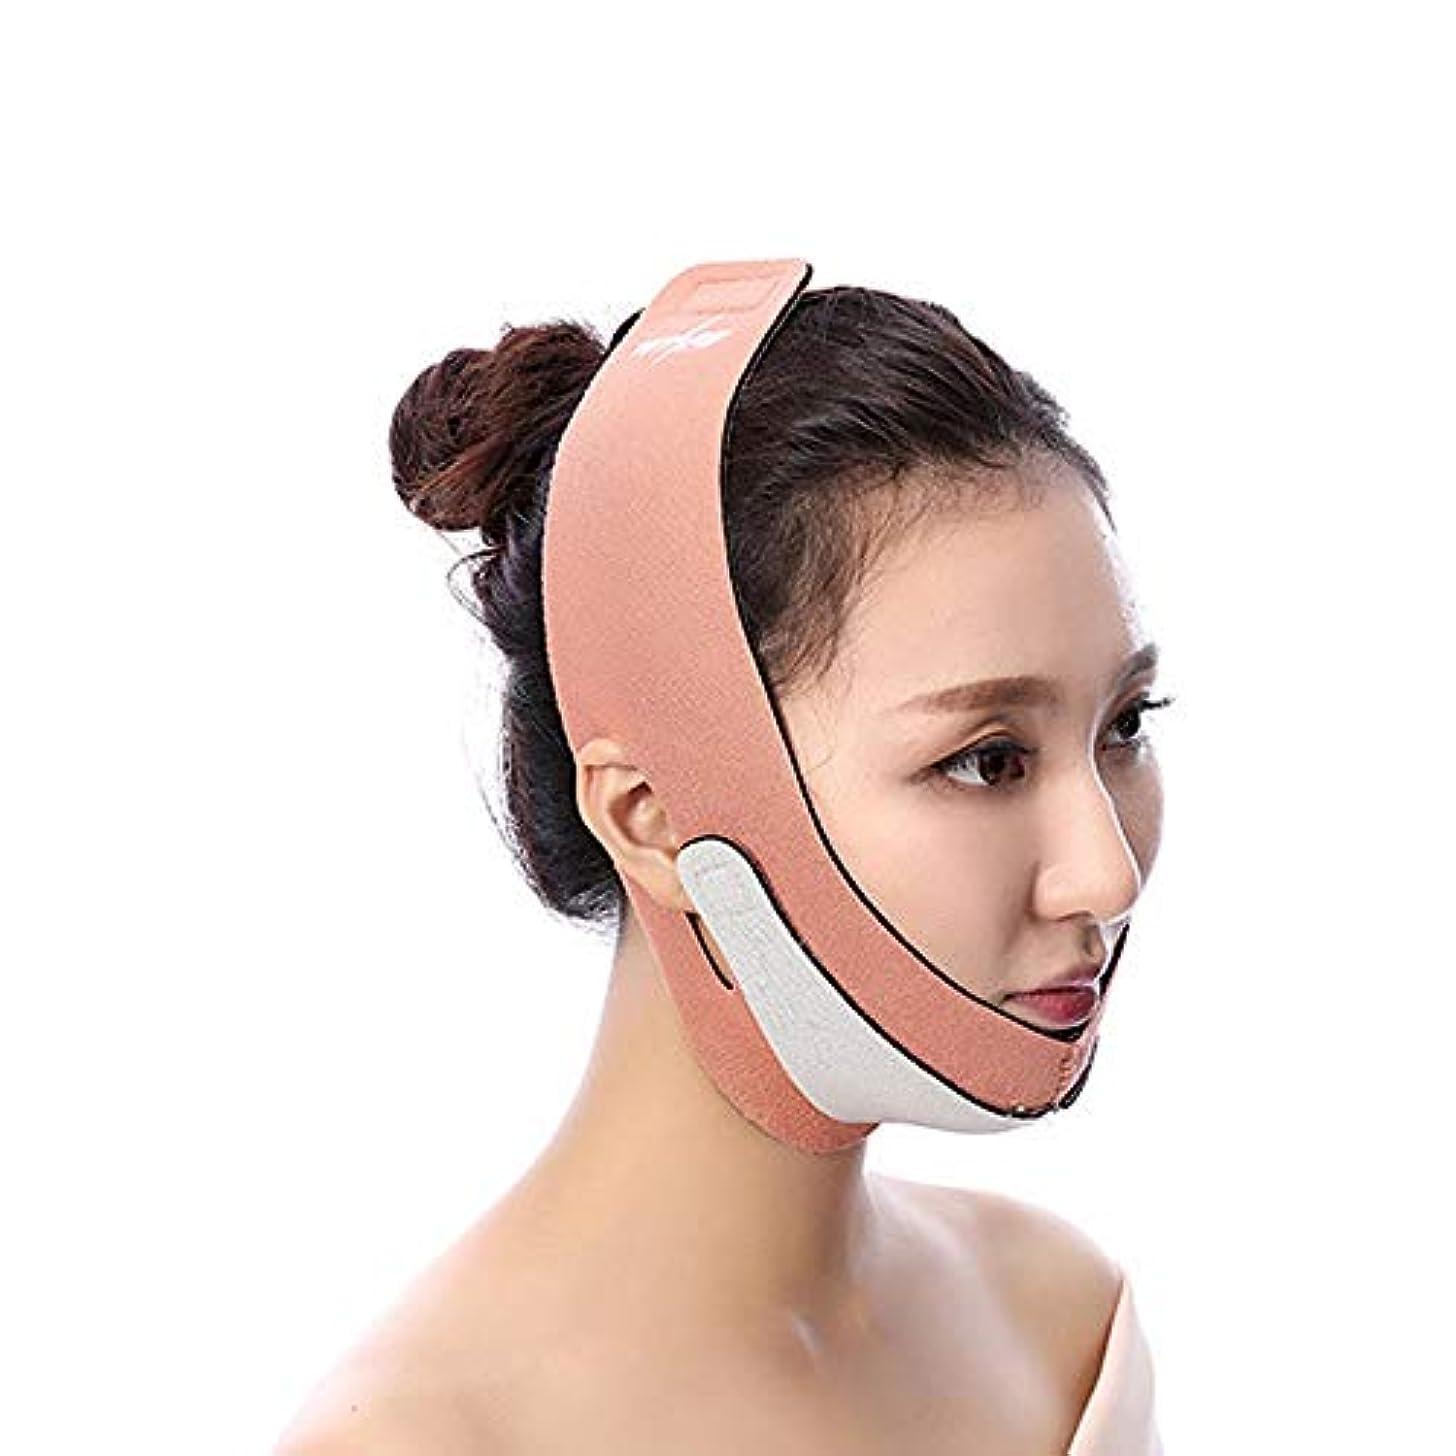 一口潜在的な付属品薄型フェイスマスク、フェイスリフティングに最適、フェイスバンドを引き締めて肌の包帯を締め、頬あごの持ち上げ、肌の包帯を引き締める(ワンサイズはすべてにフィット) (Color : Orange)